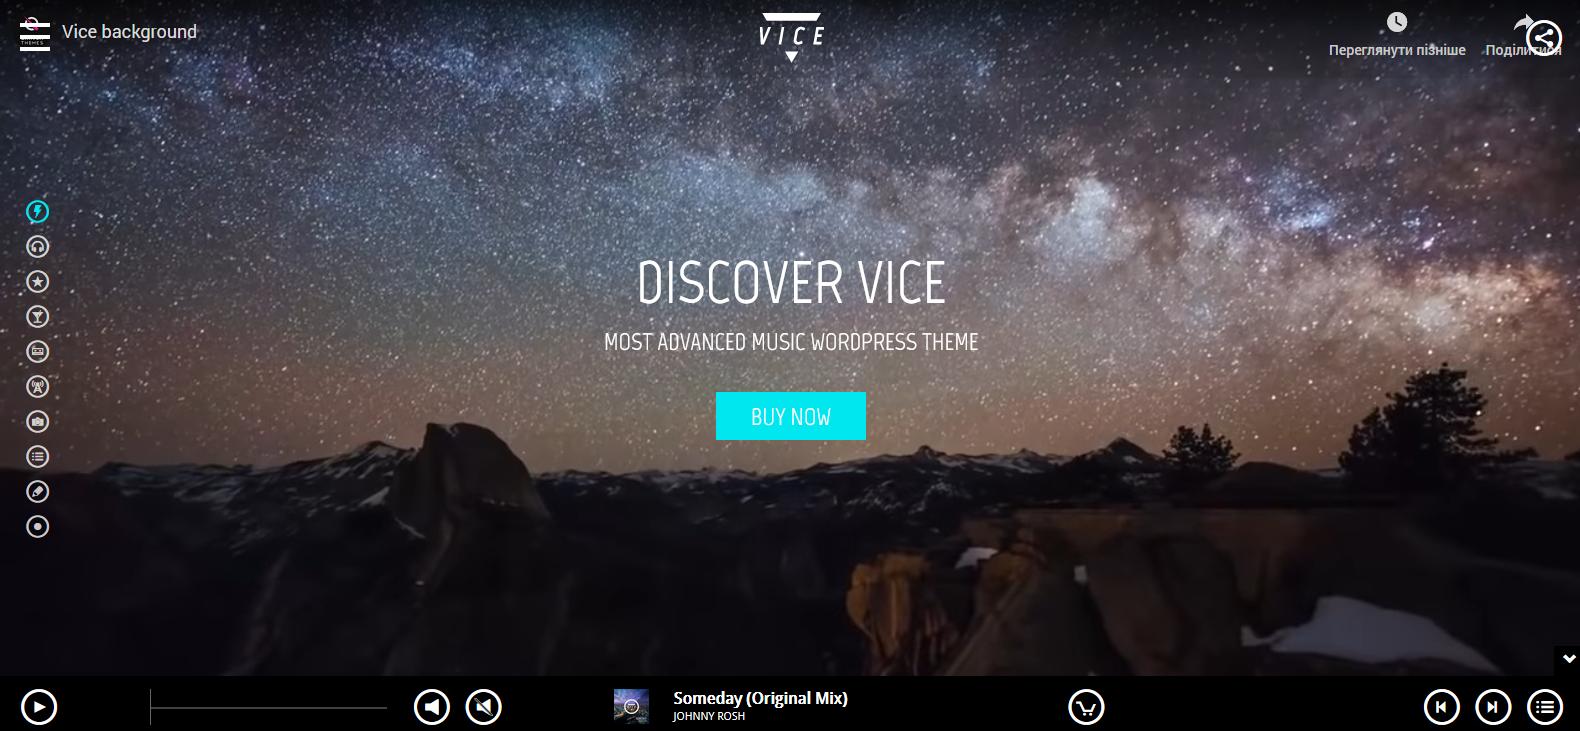 Демо-сайт с темой Vice